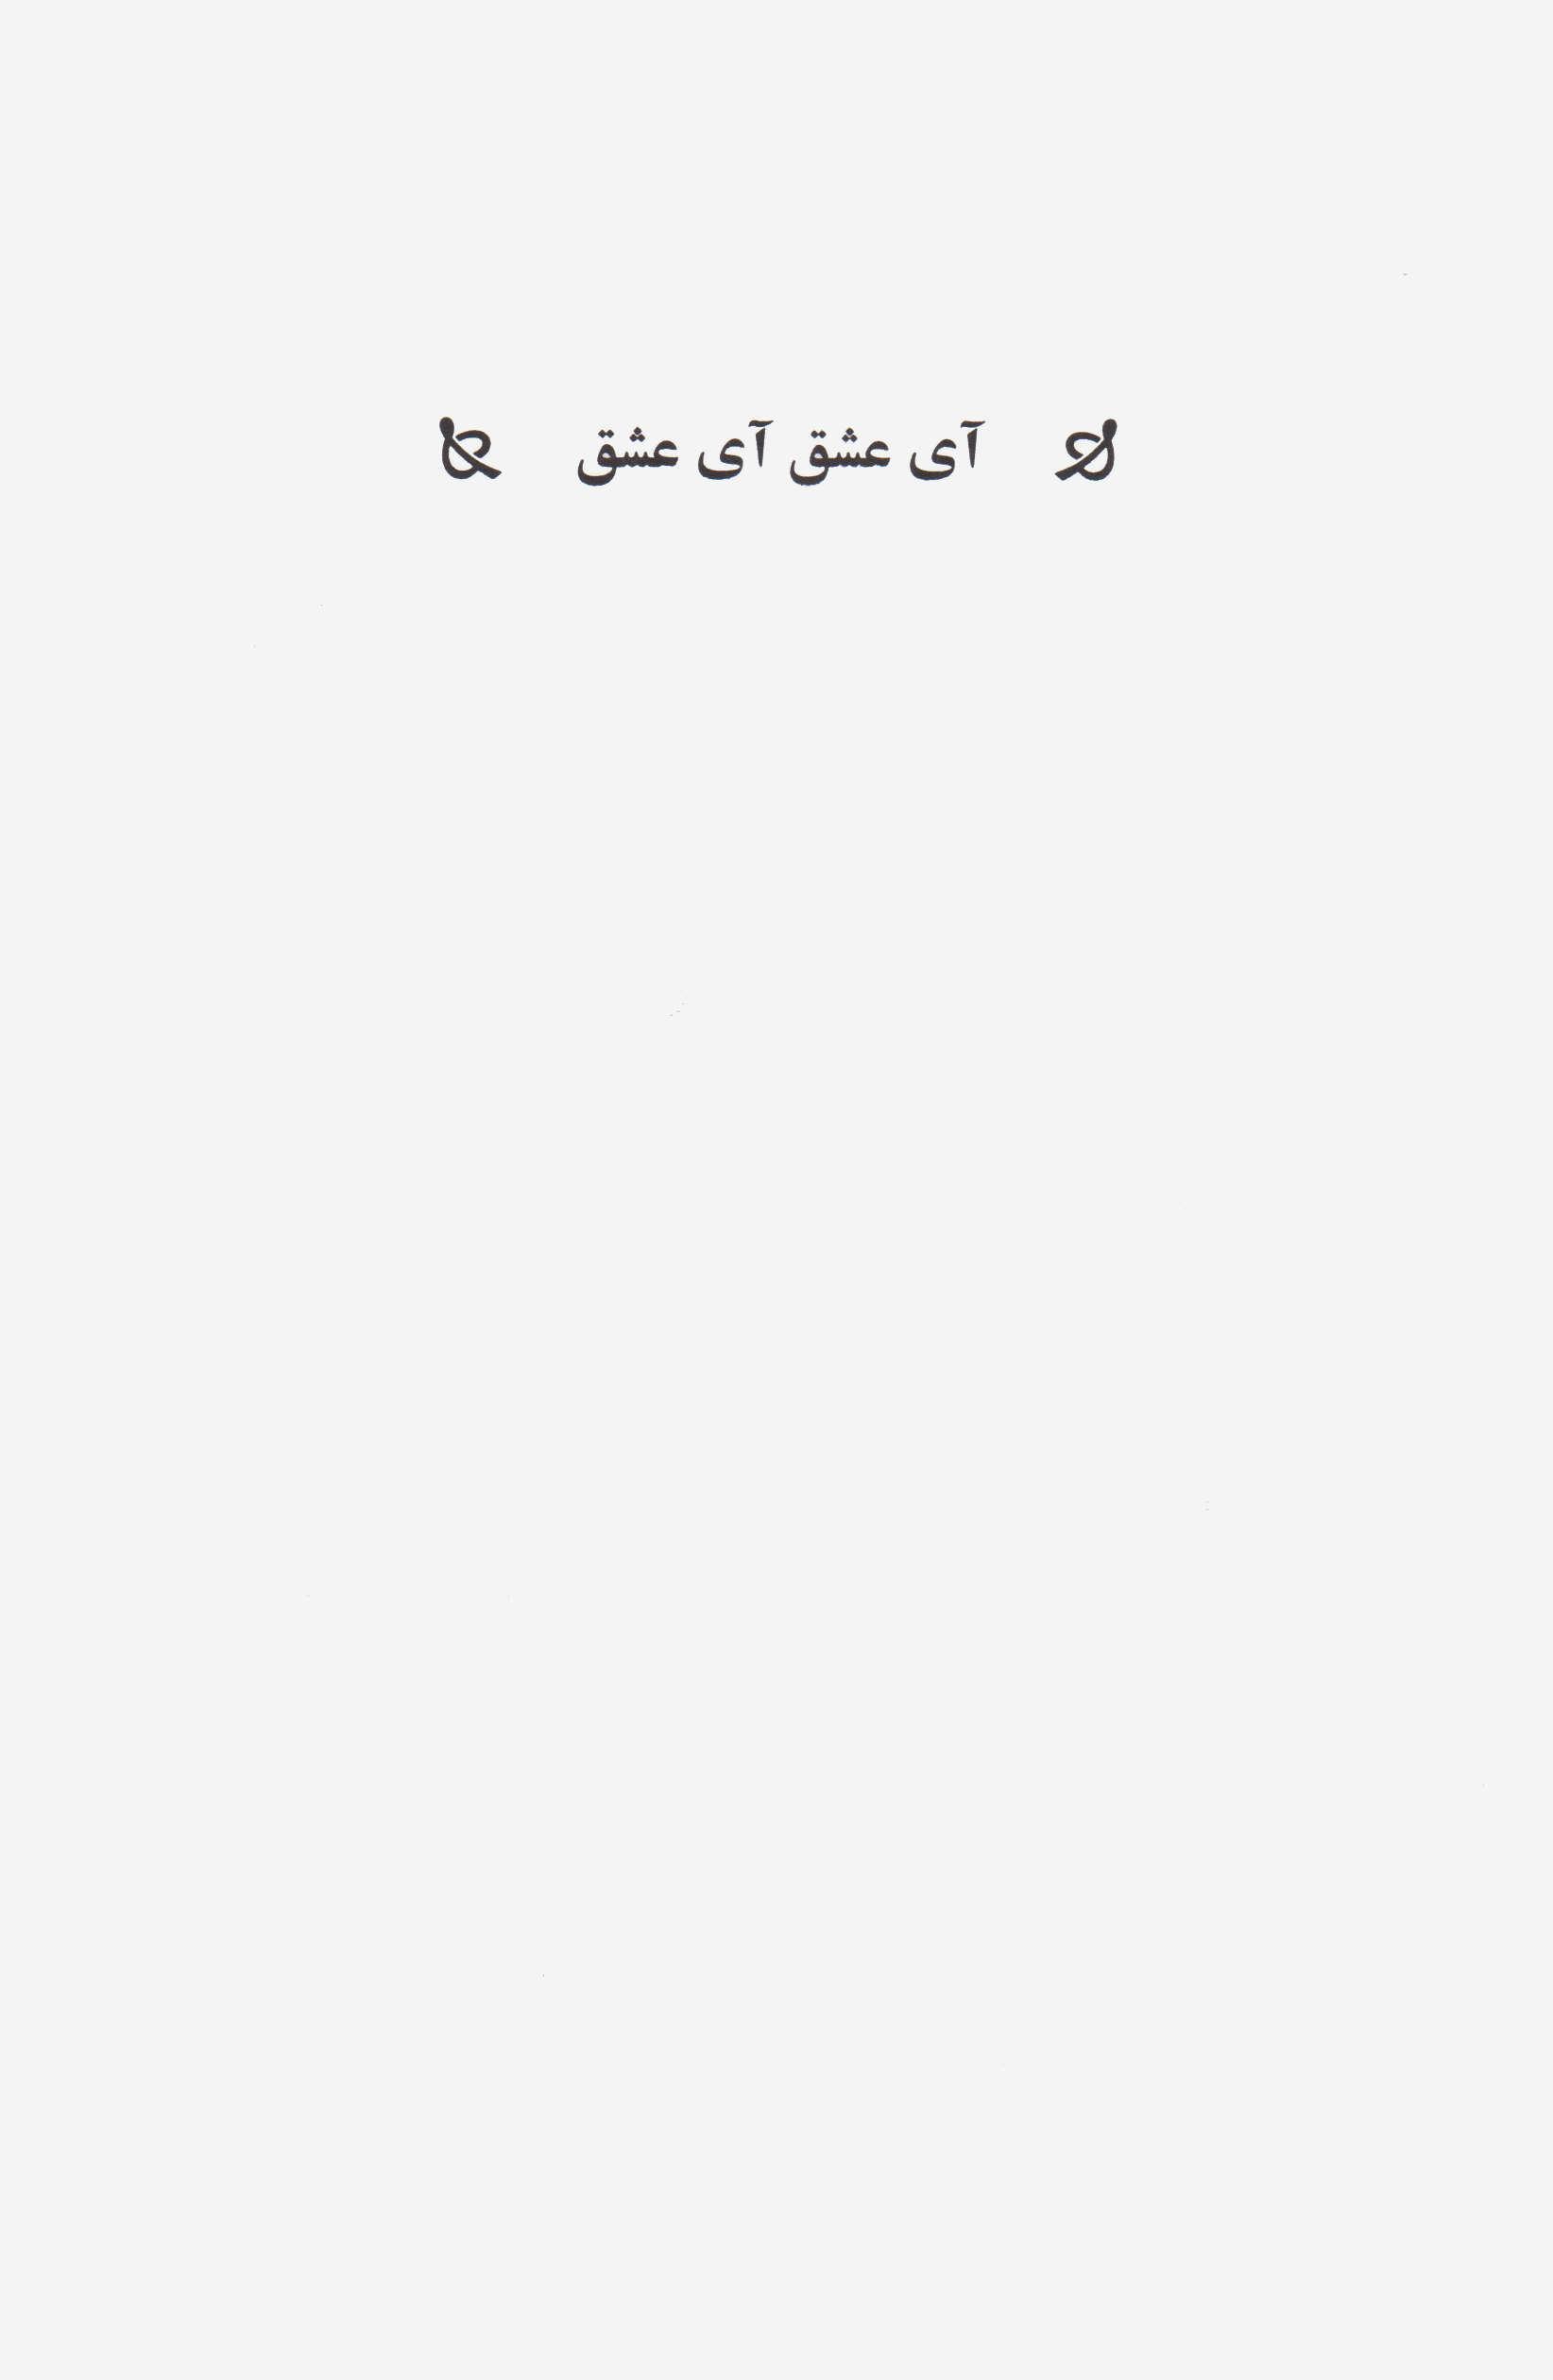 انگشت و ماه (خوانش دوازده شعر احمد شاملو)